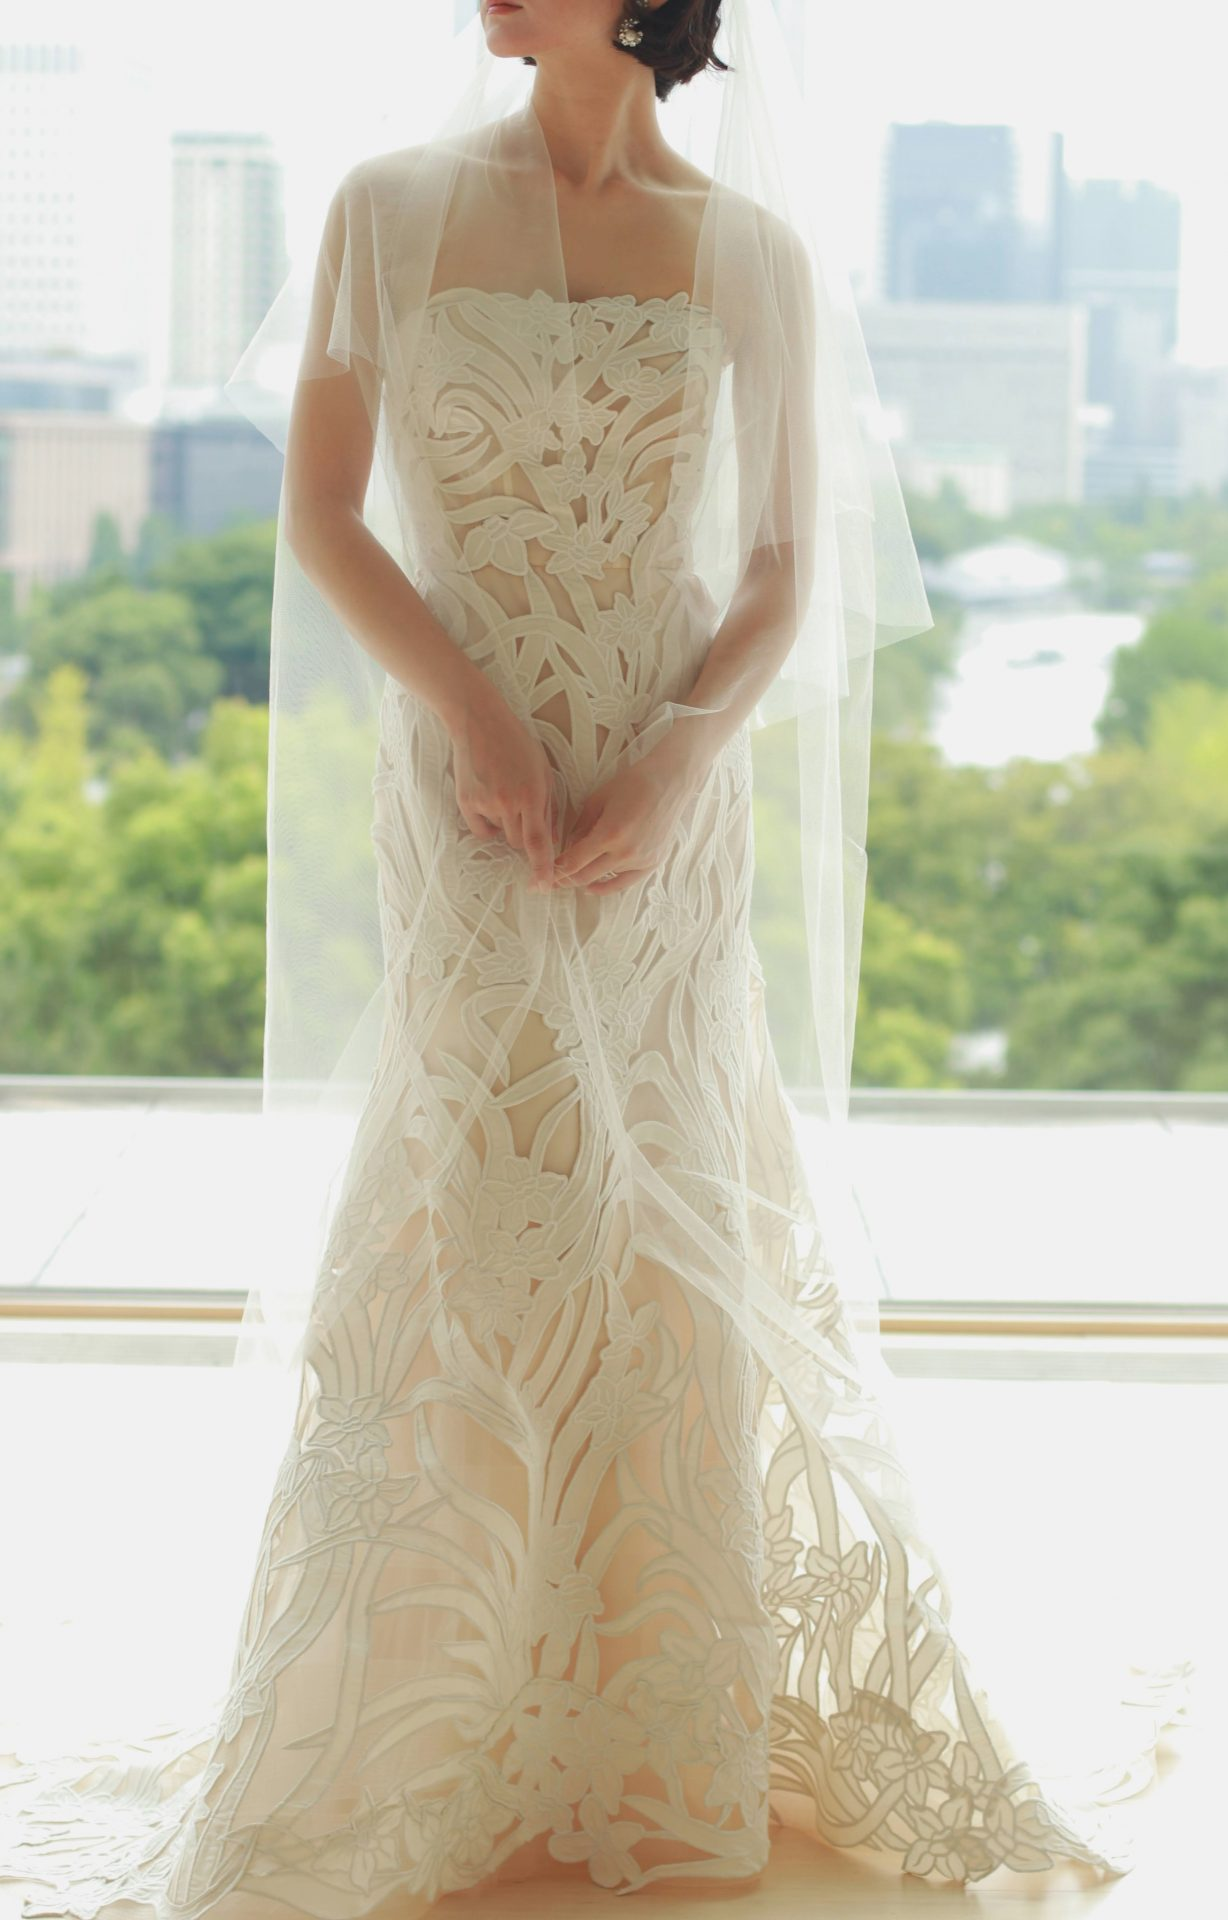 パレスホテル東京のチャペルには、マーメイドラインのウェディングドレスにロングベールをあわせて、自然光を取り入れたコーディネートがおすすめです